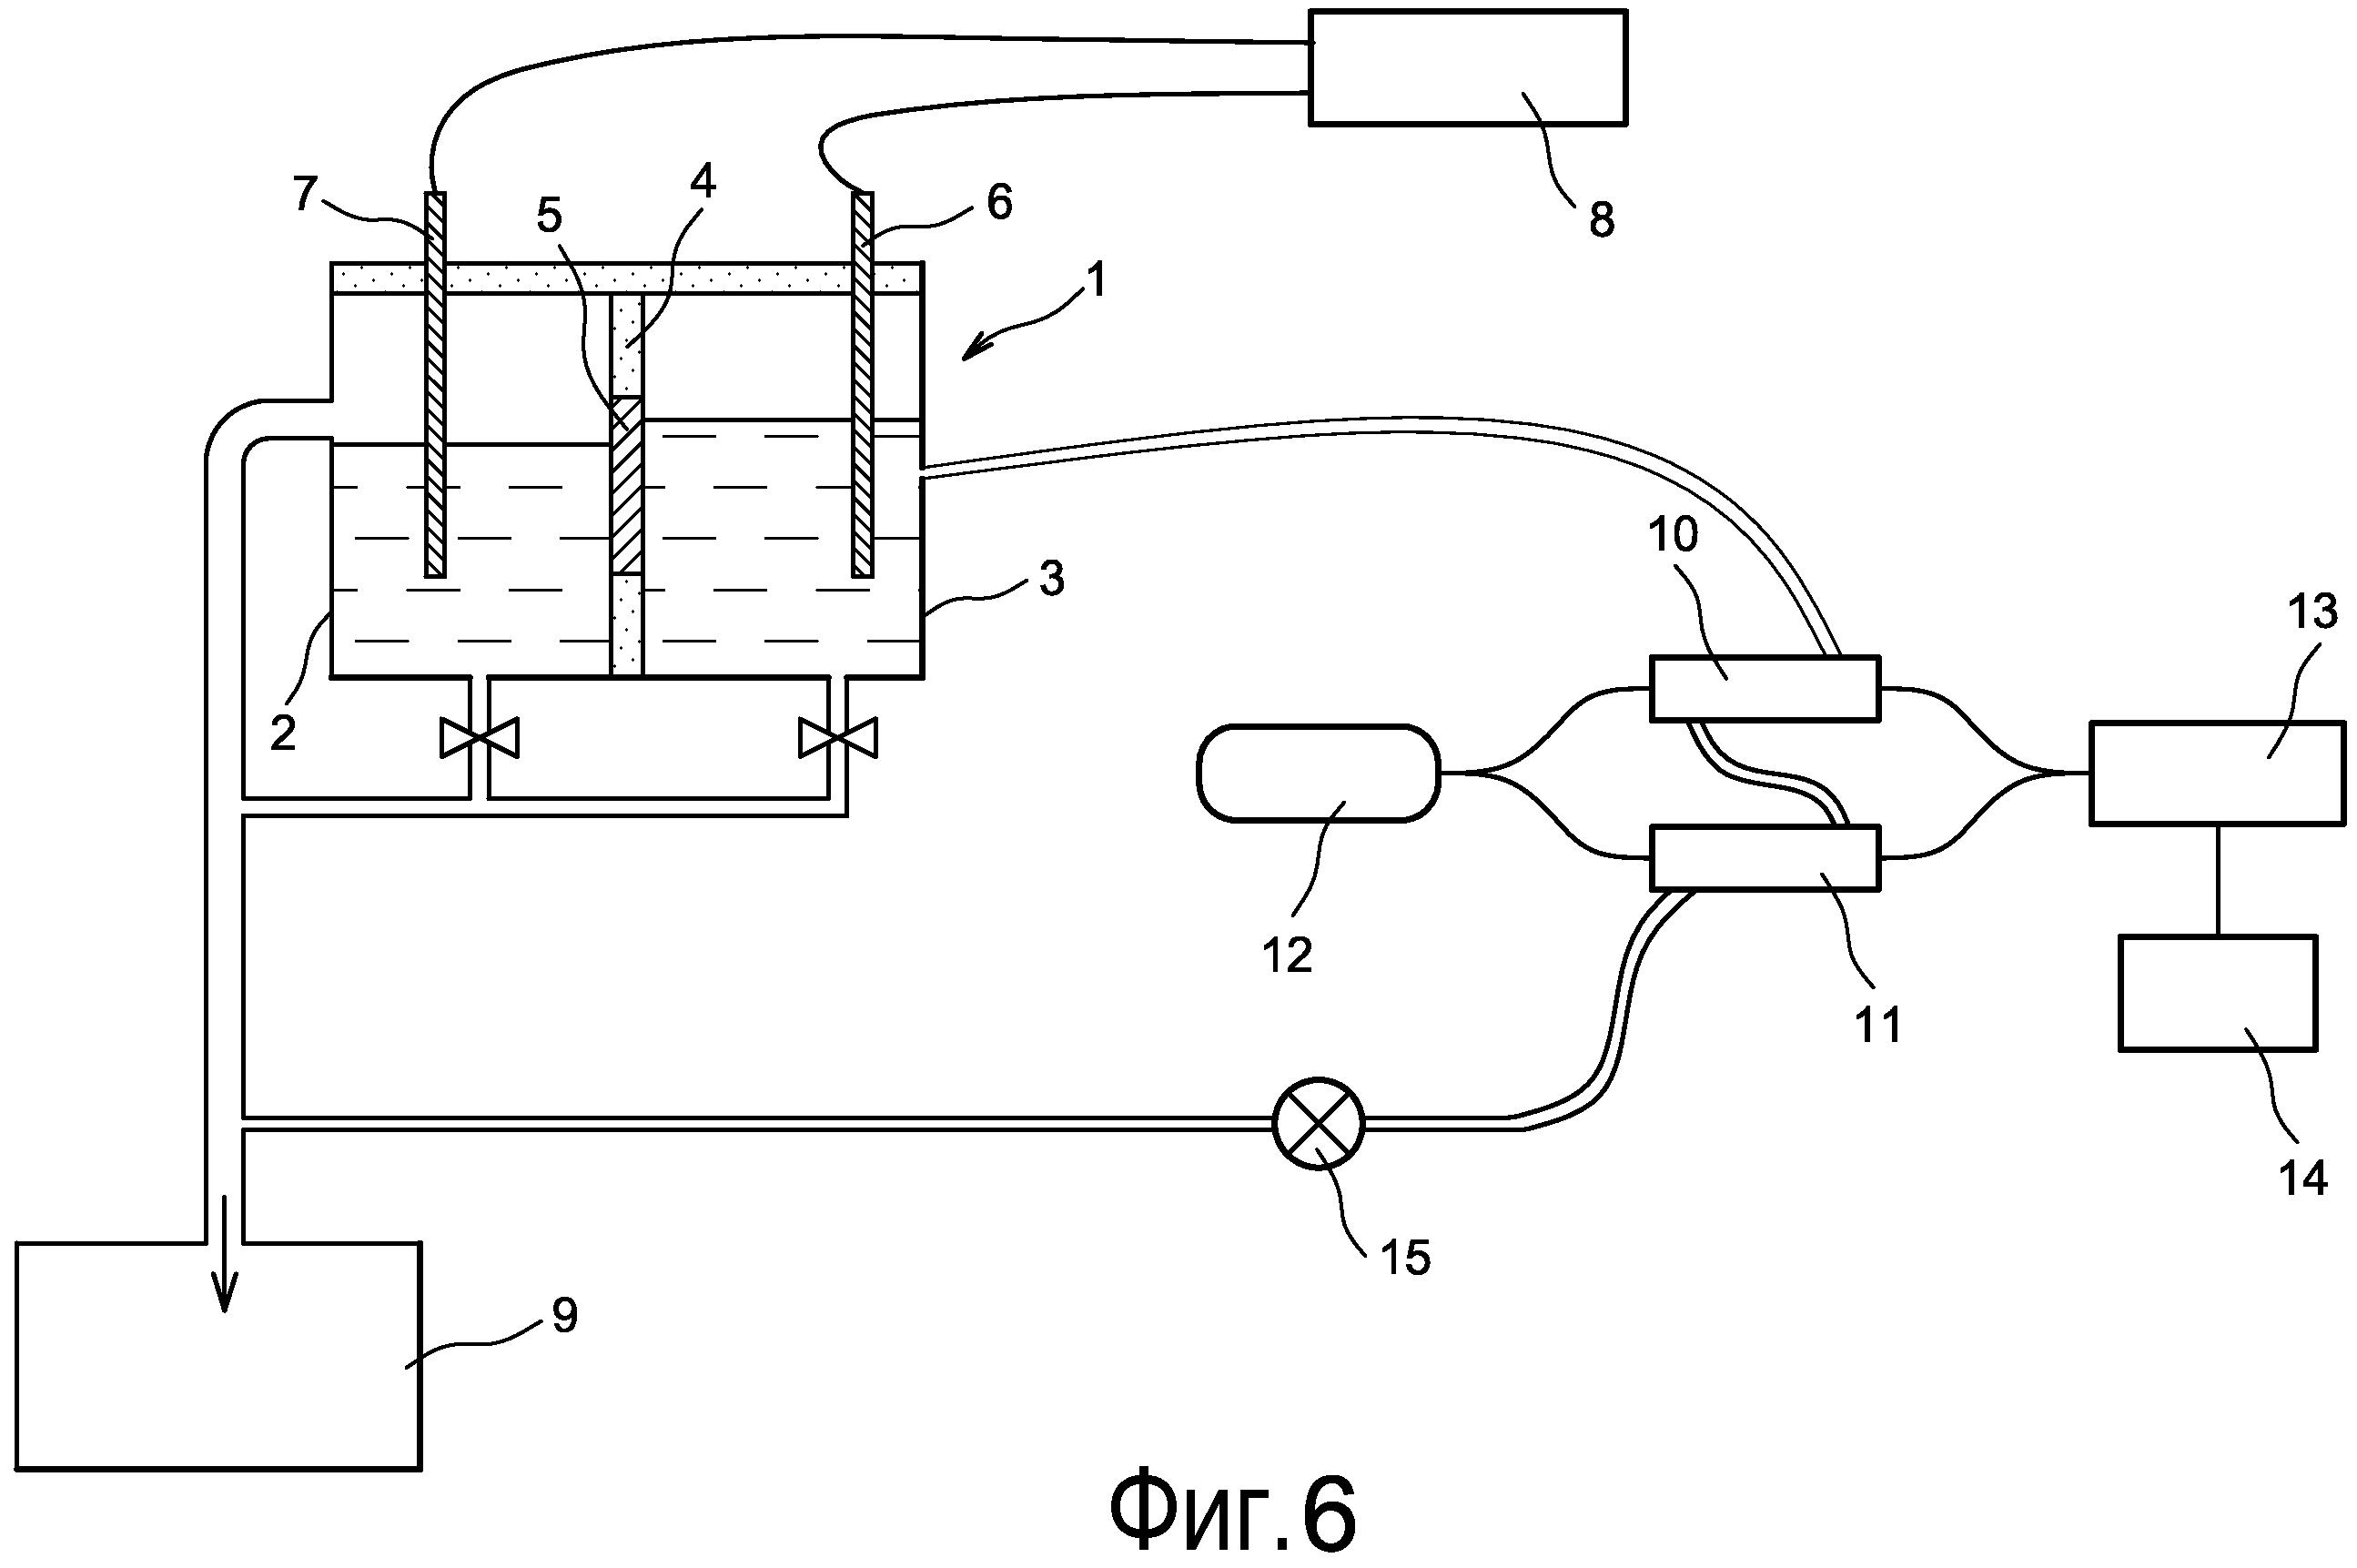 Способ измерения концентрации урана в водном растворе методом спектрофотометрии